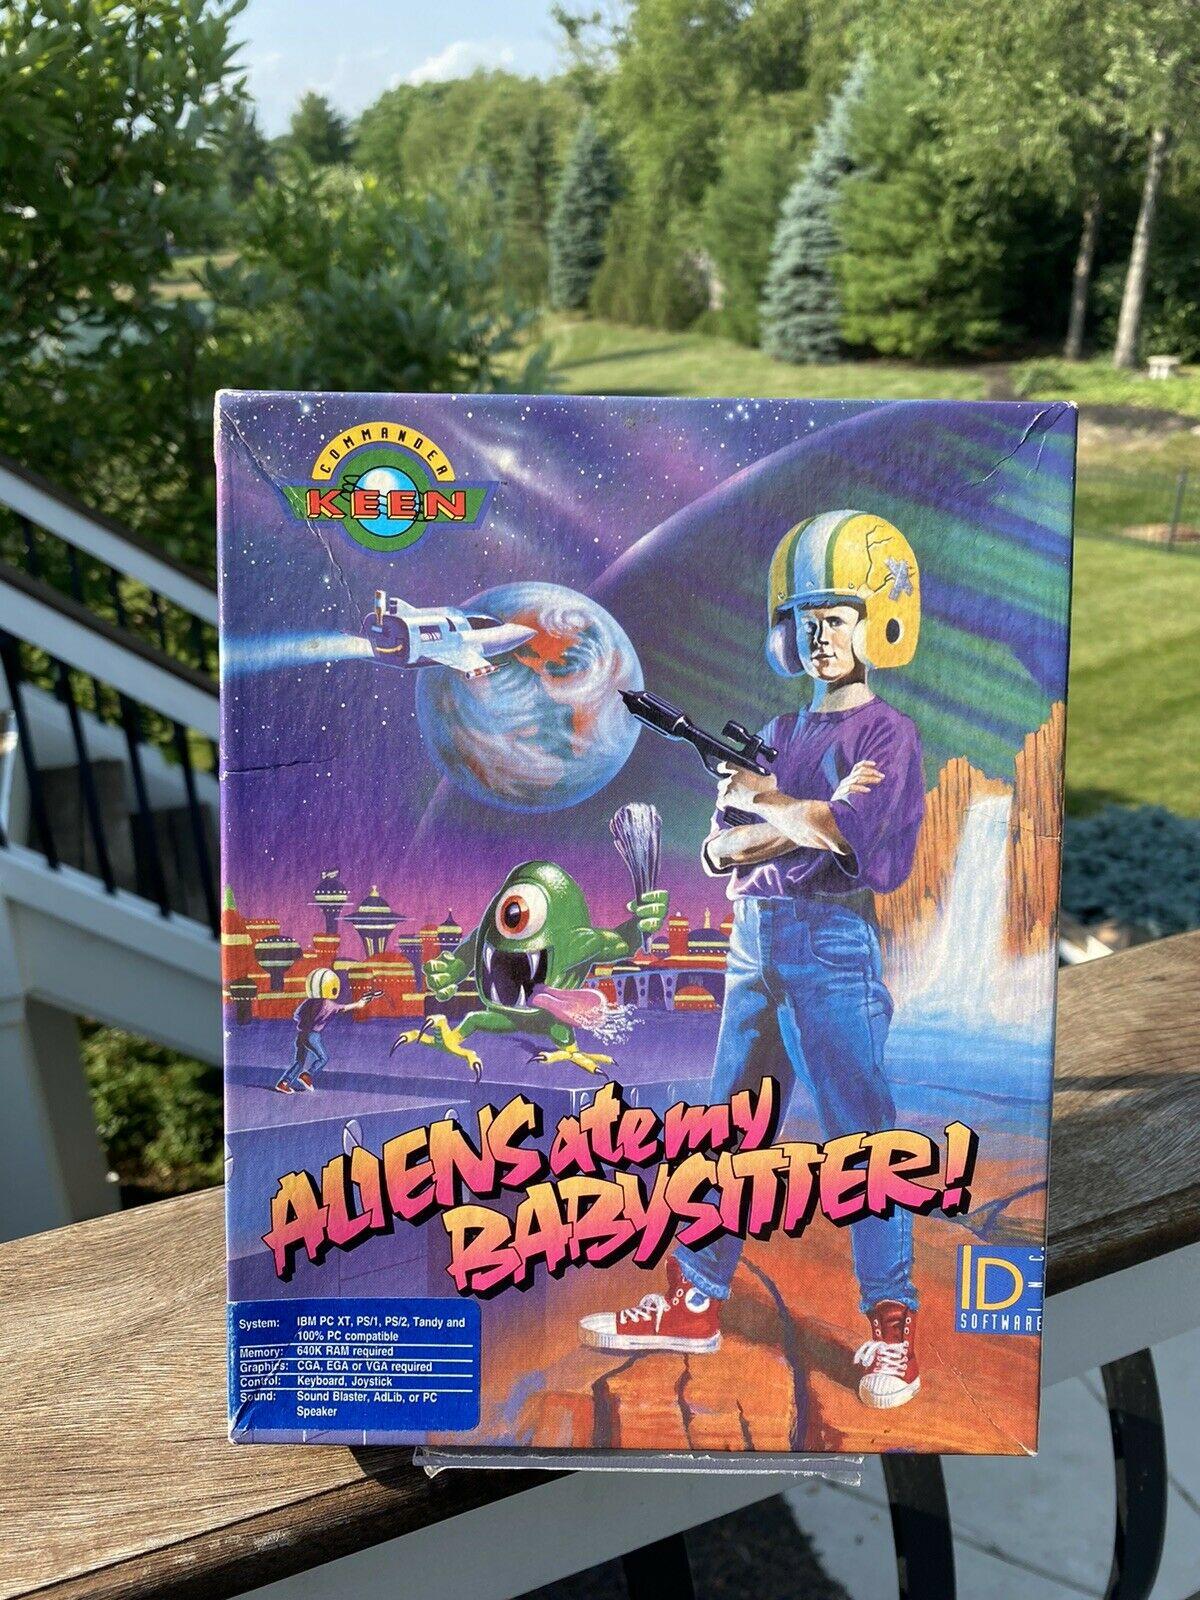 Commander keen Aliens Ate My Baby-sitter-02